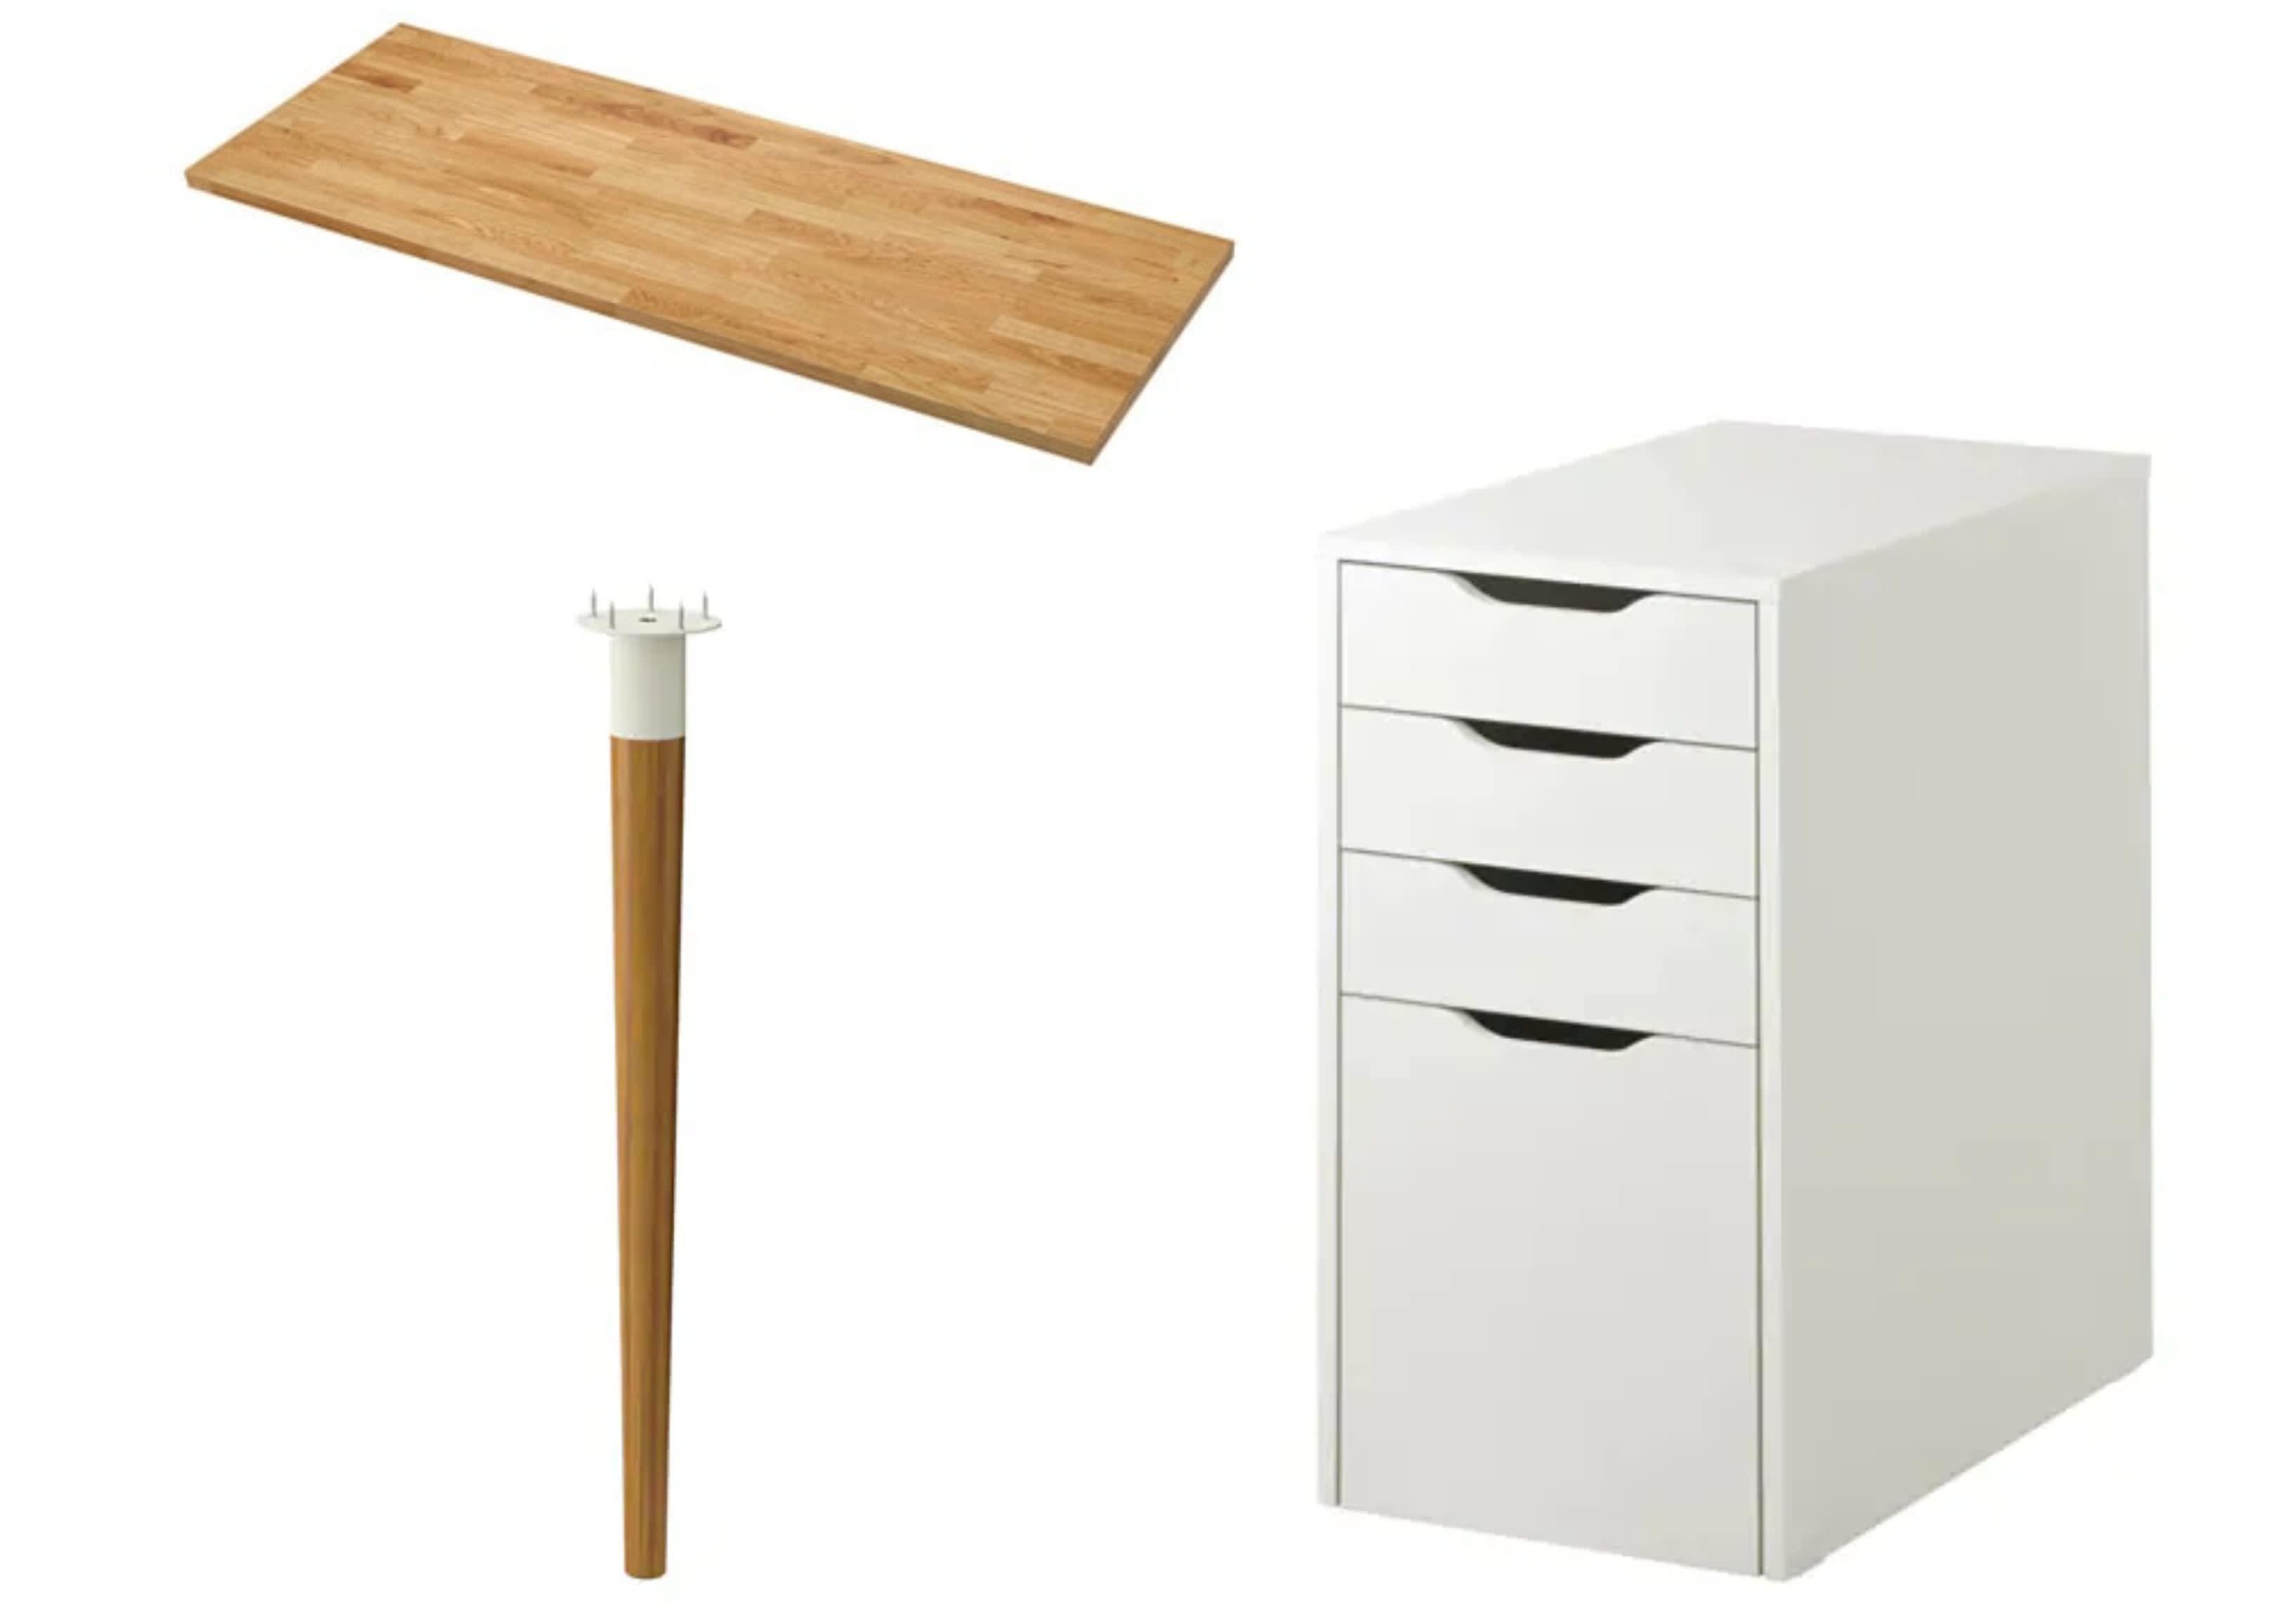 10 Ikea Hacks From Reddit That Ll Inspire Your Own Creativity Ikea Hack Ikea Ikea Alex Desk